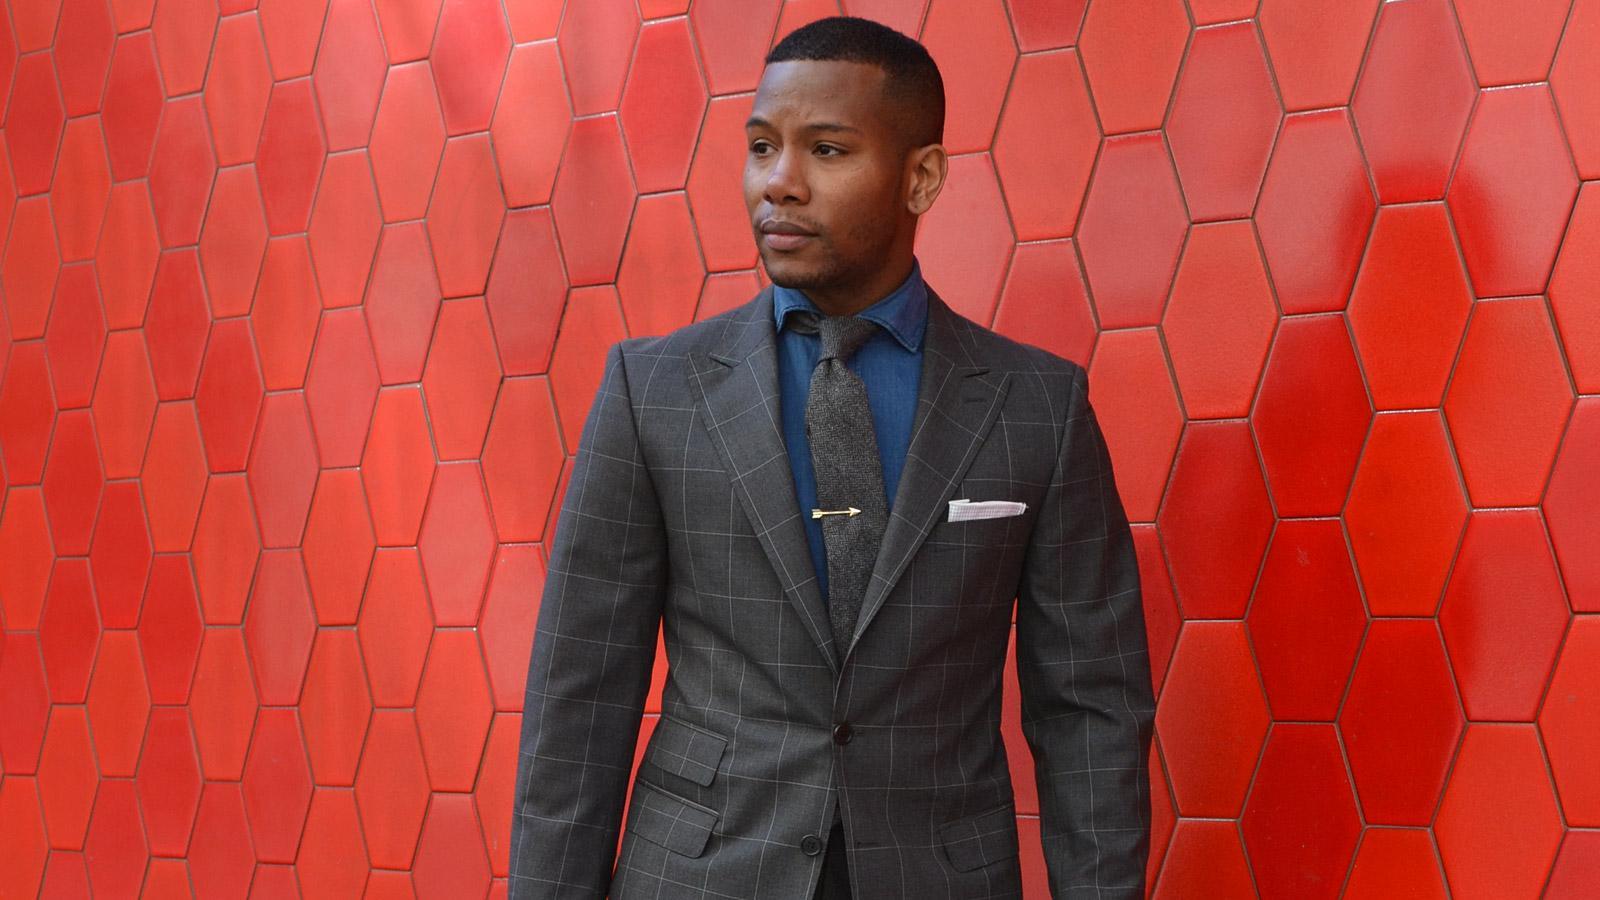 Men's Style Pro Grey Plaid Suit - slider image 1